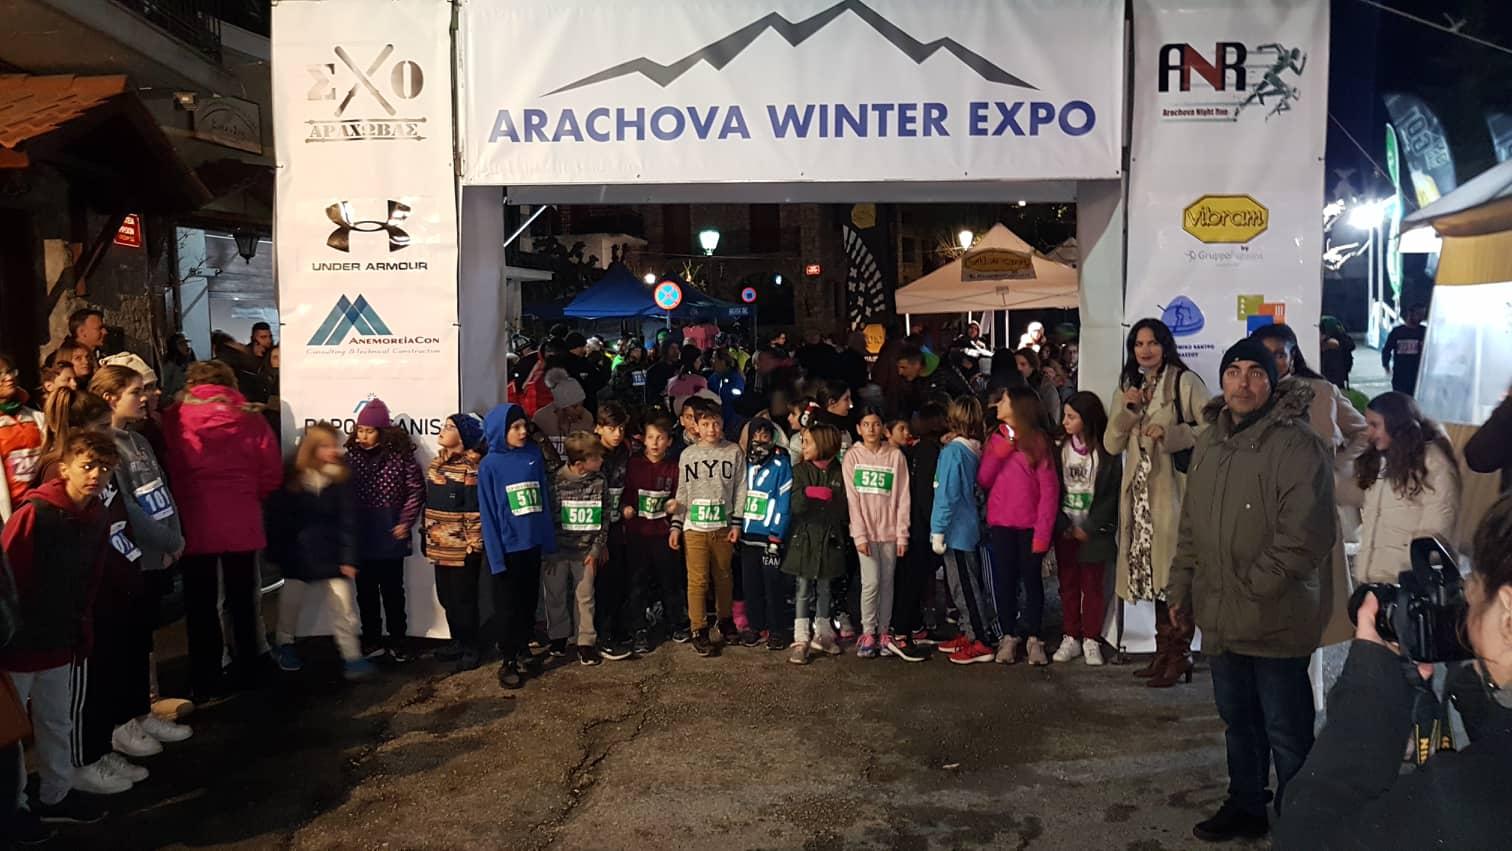 5η Έναρξη Χειμερινής Περιόδου 17-18 Νοεμβρίου 2018 Αράχωβα